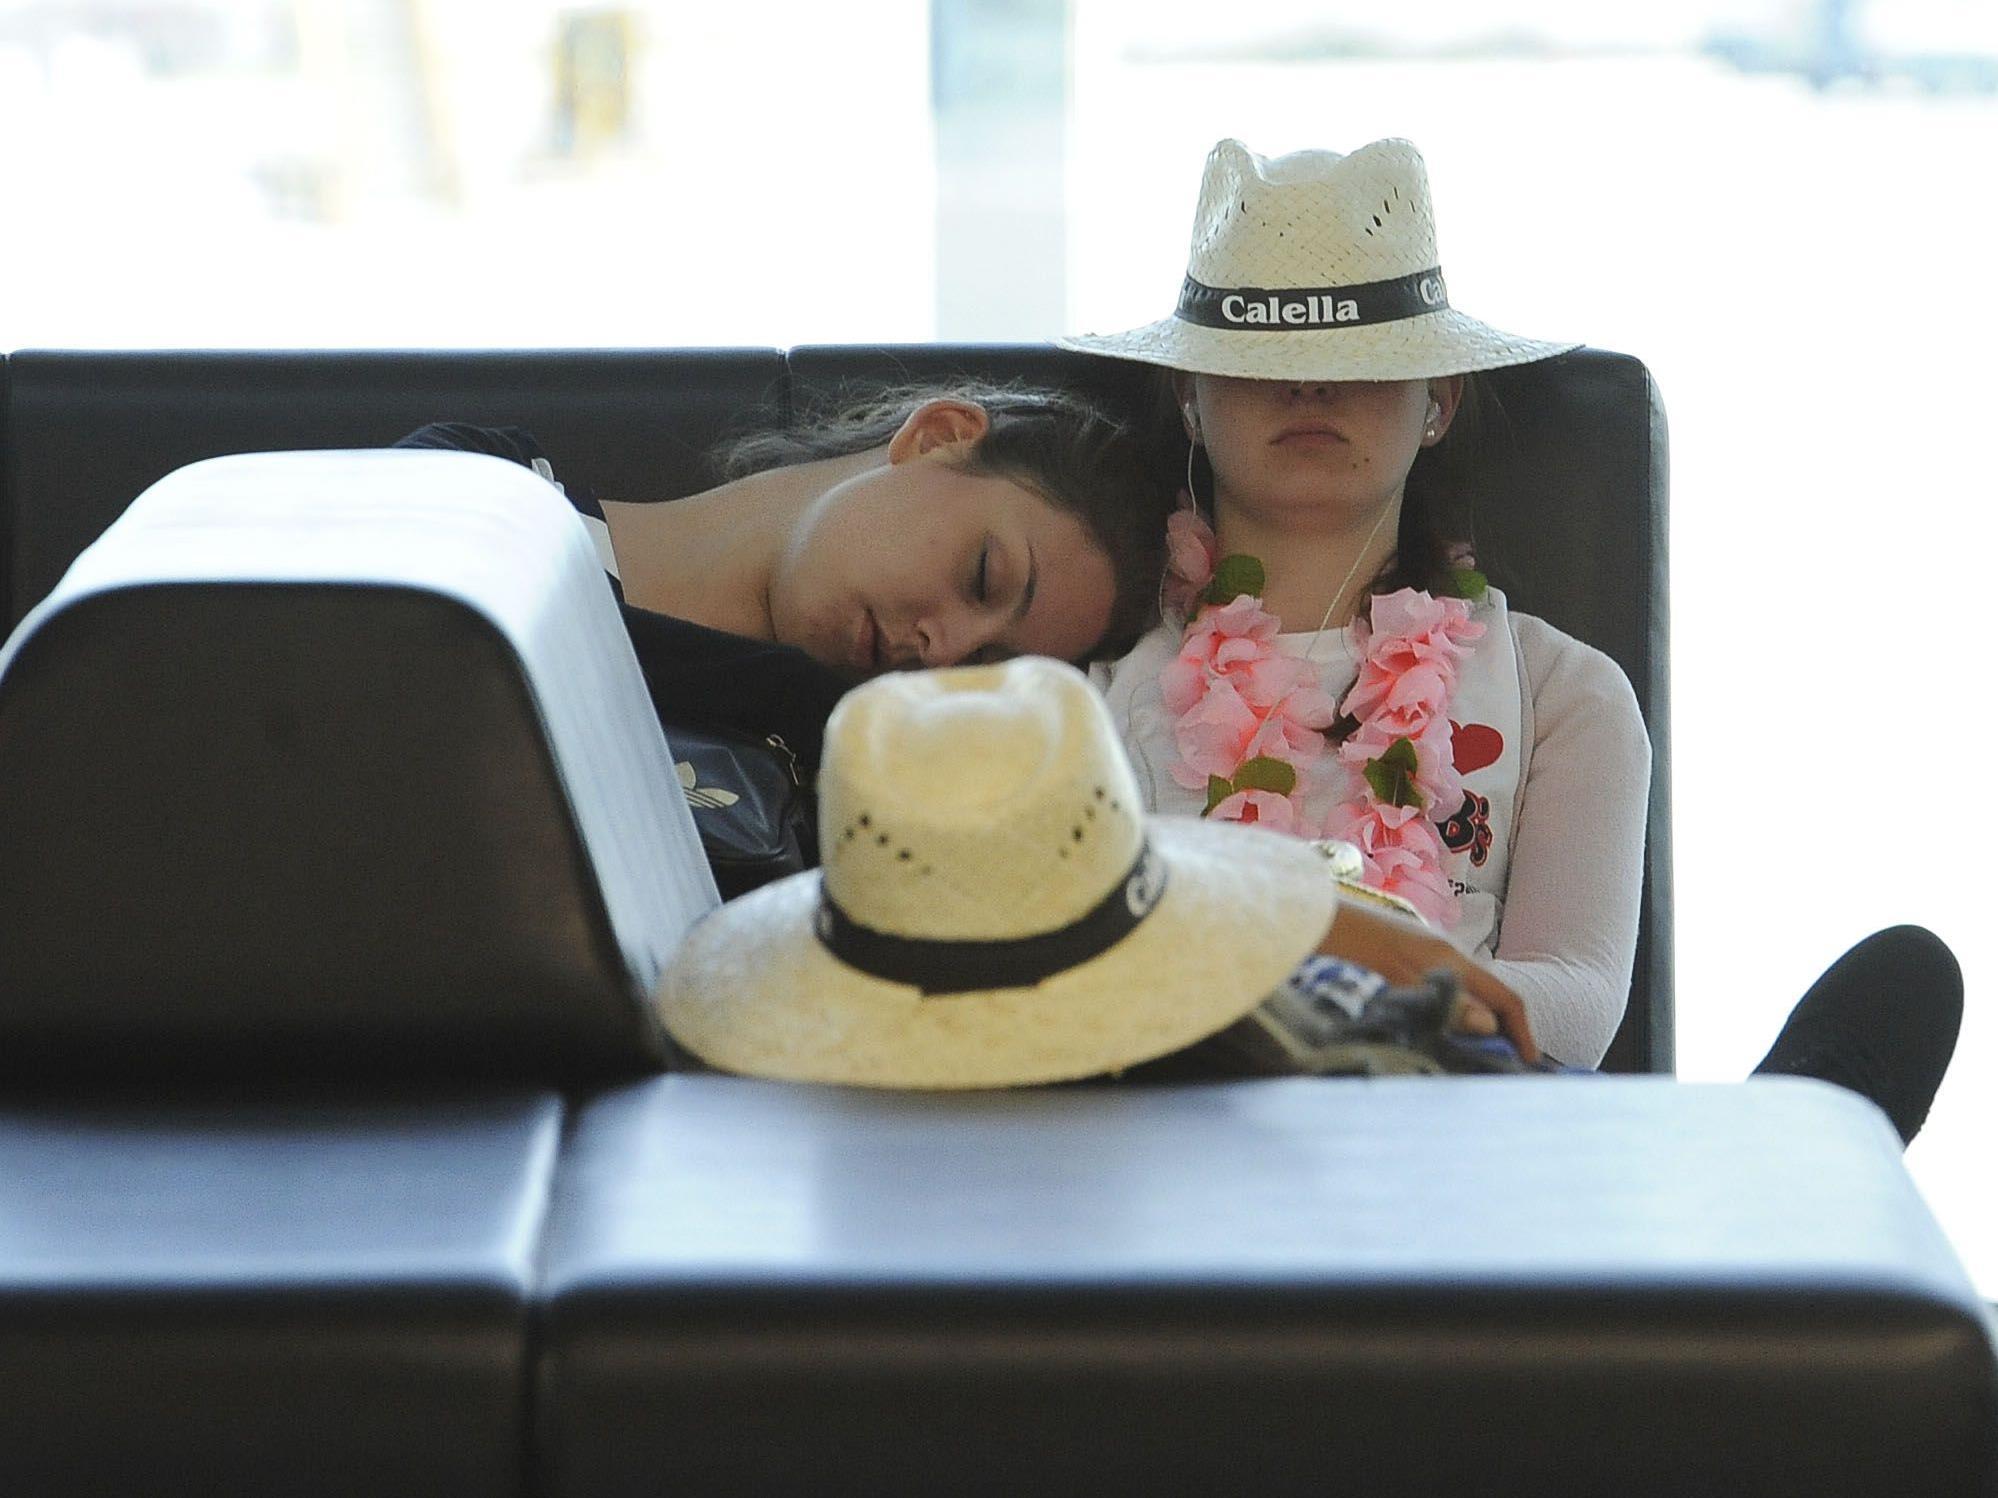 Am Flughafen gestrandet? Bei einer Flugverspätung ab drei Stunden steht Reisenden eine Entschädigung zu.